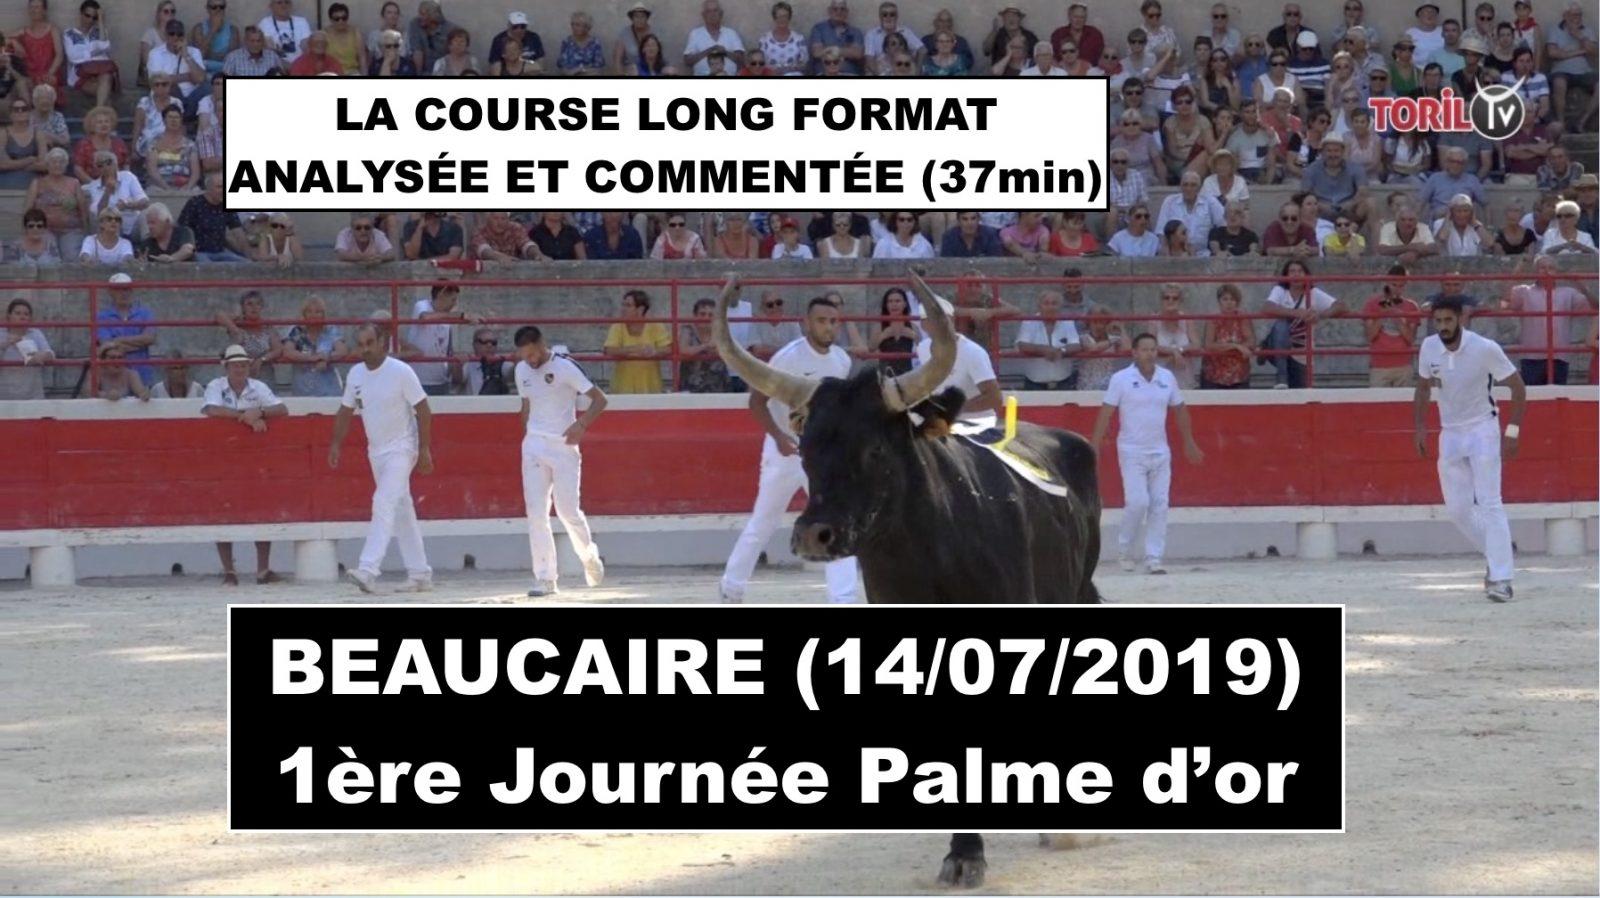 LA COURSE LONG FORMAT // Beaucaire (14/07/2019) – La course AS analysée et commentée [ABONNÉS]